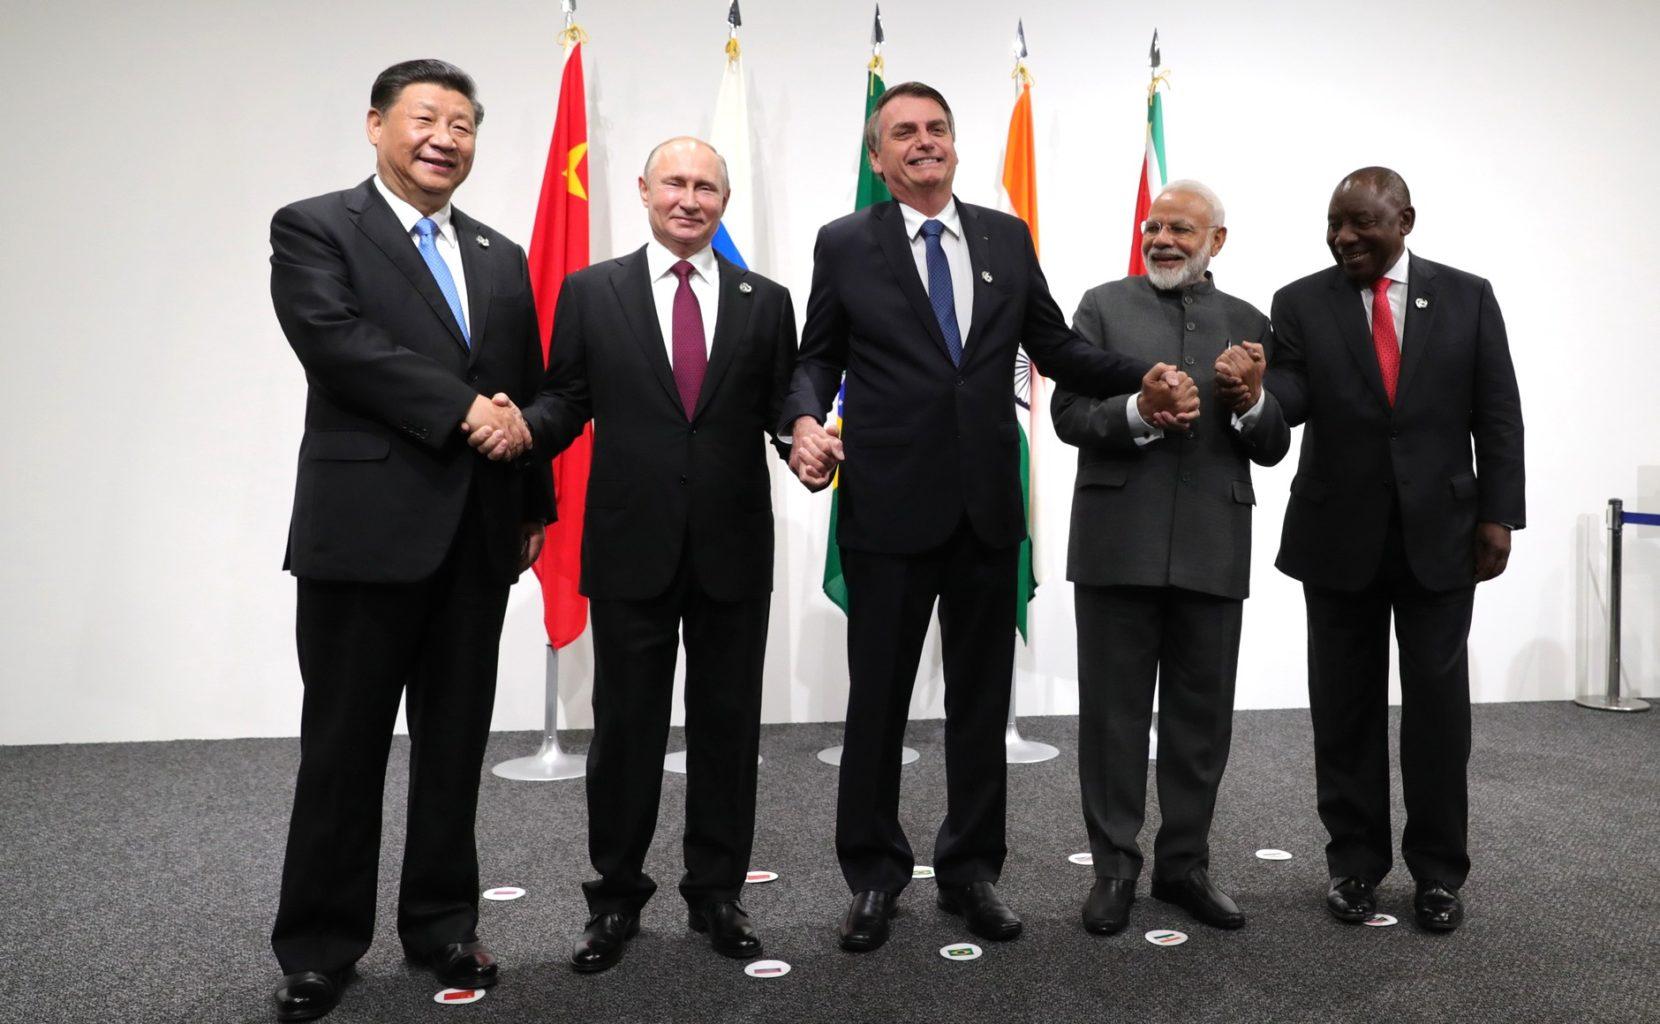 Les dirigeants des BRICS en 2019